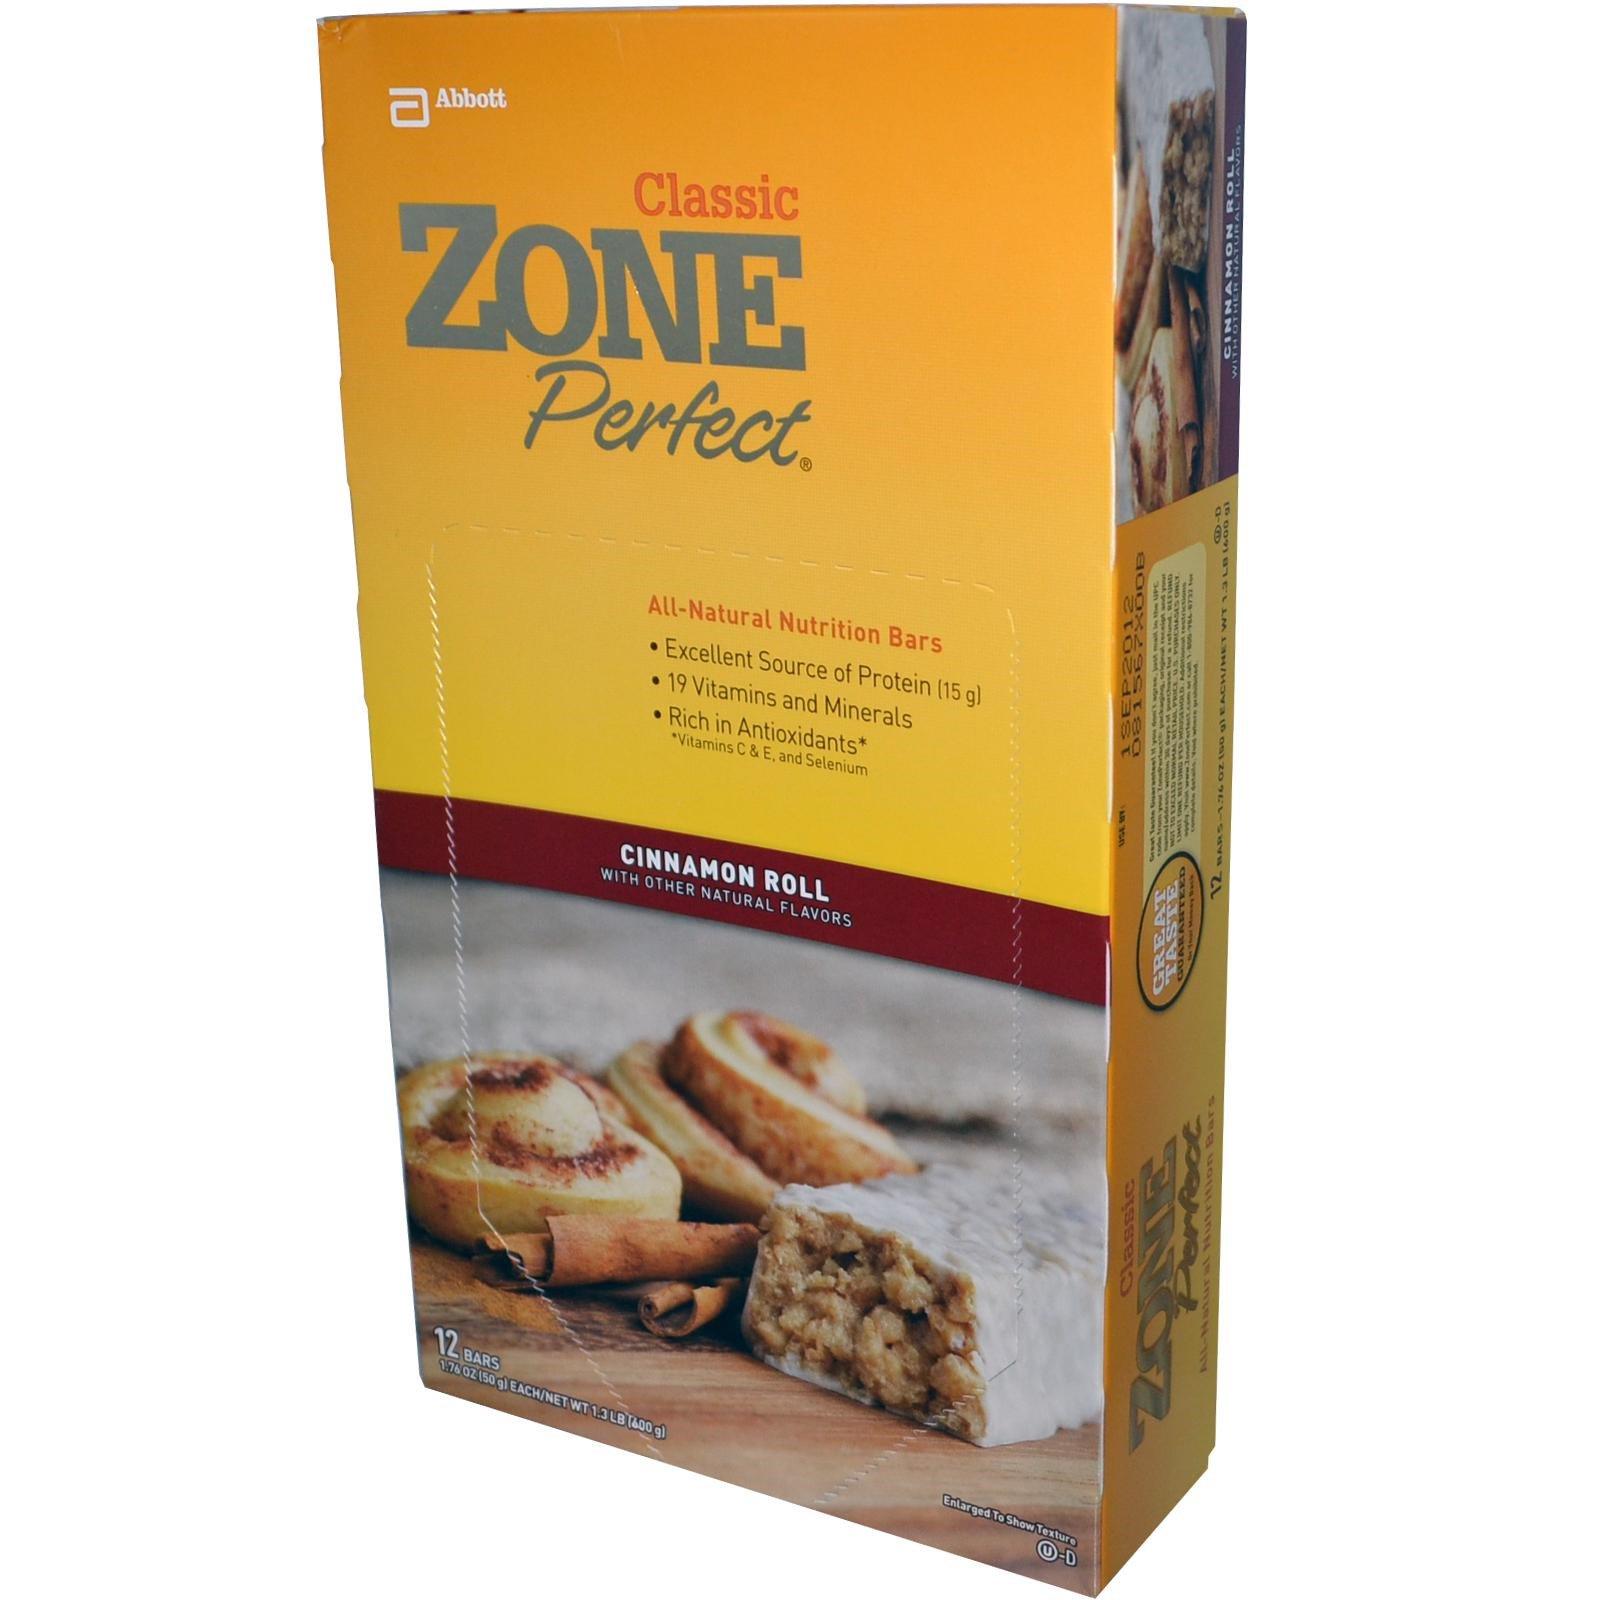 ZonePerfect, Классические полностью натуральные питательные батончики, булочка с корицей, 12 батончиков, 1,76 унции (50 г) каждый